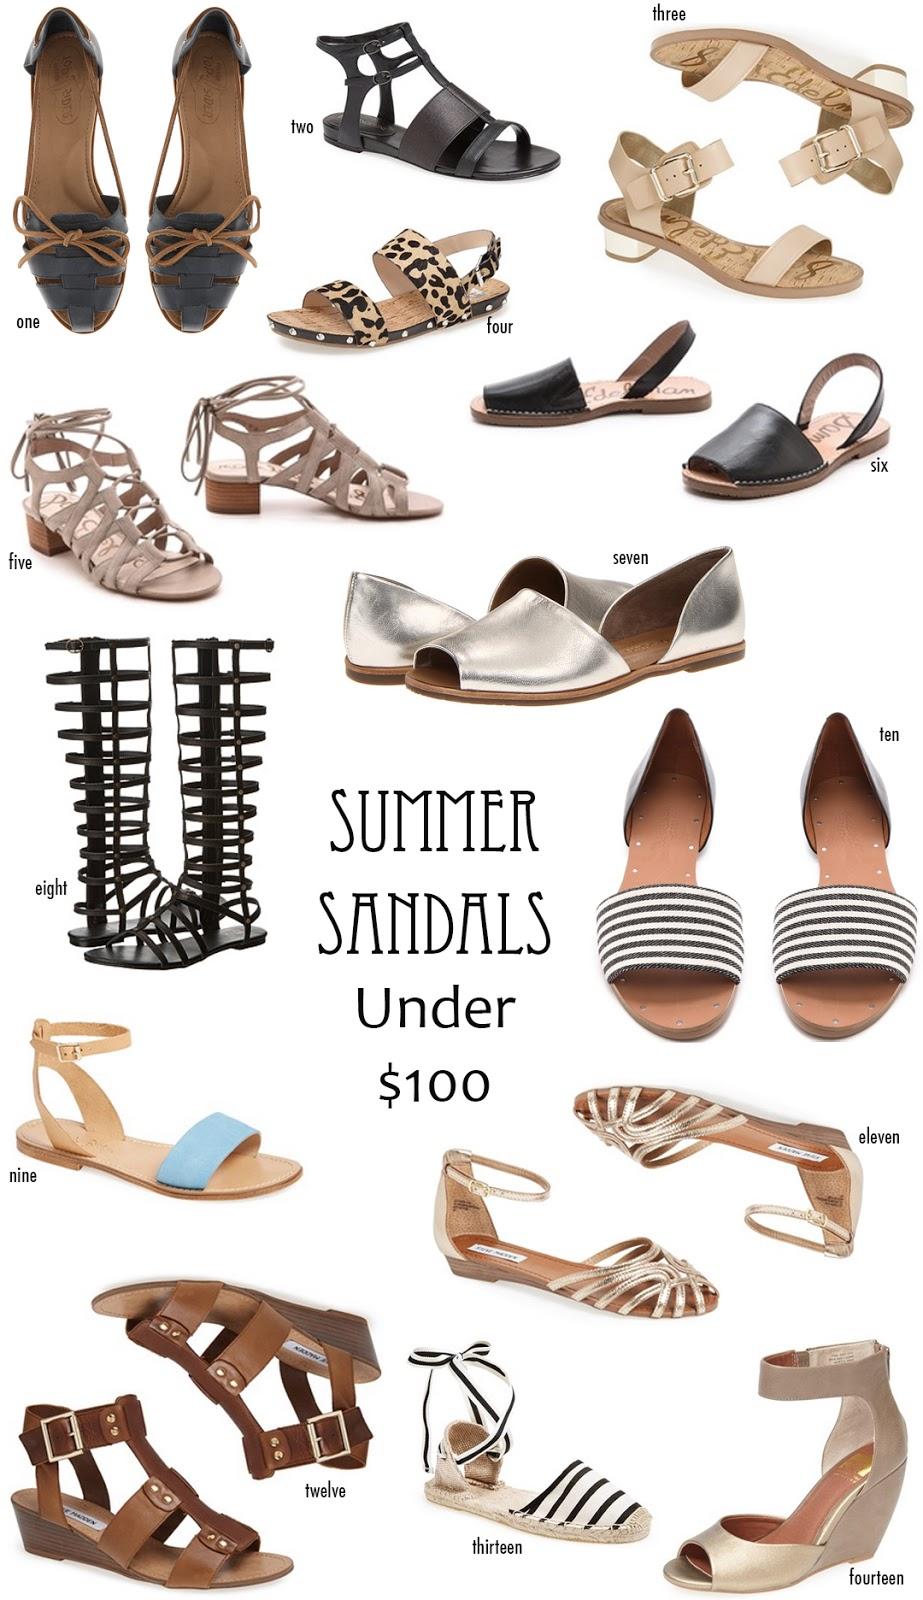 Summer Sandals under $100